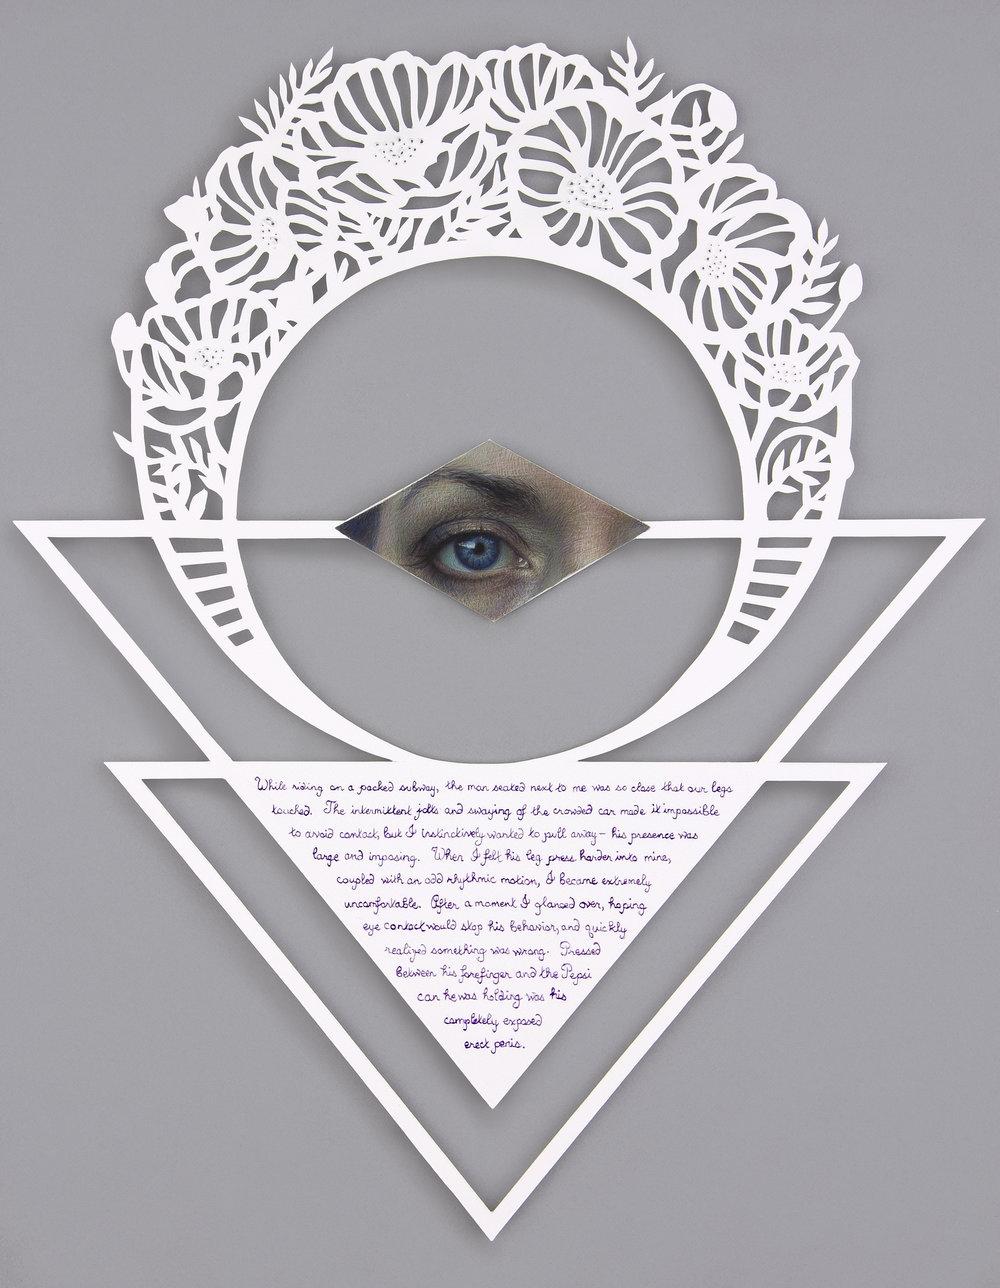 Lover's Eye no. 19